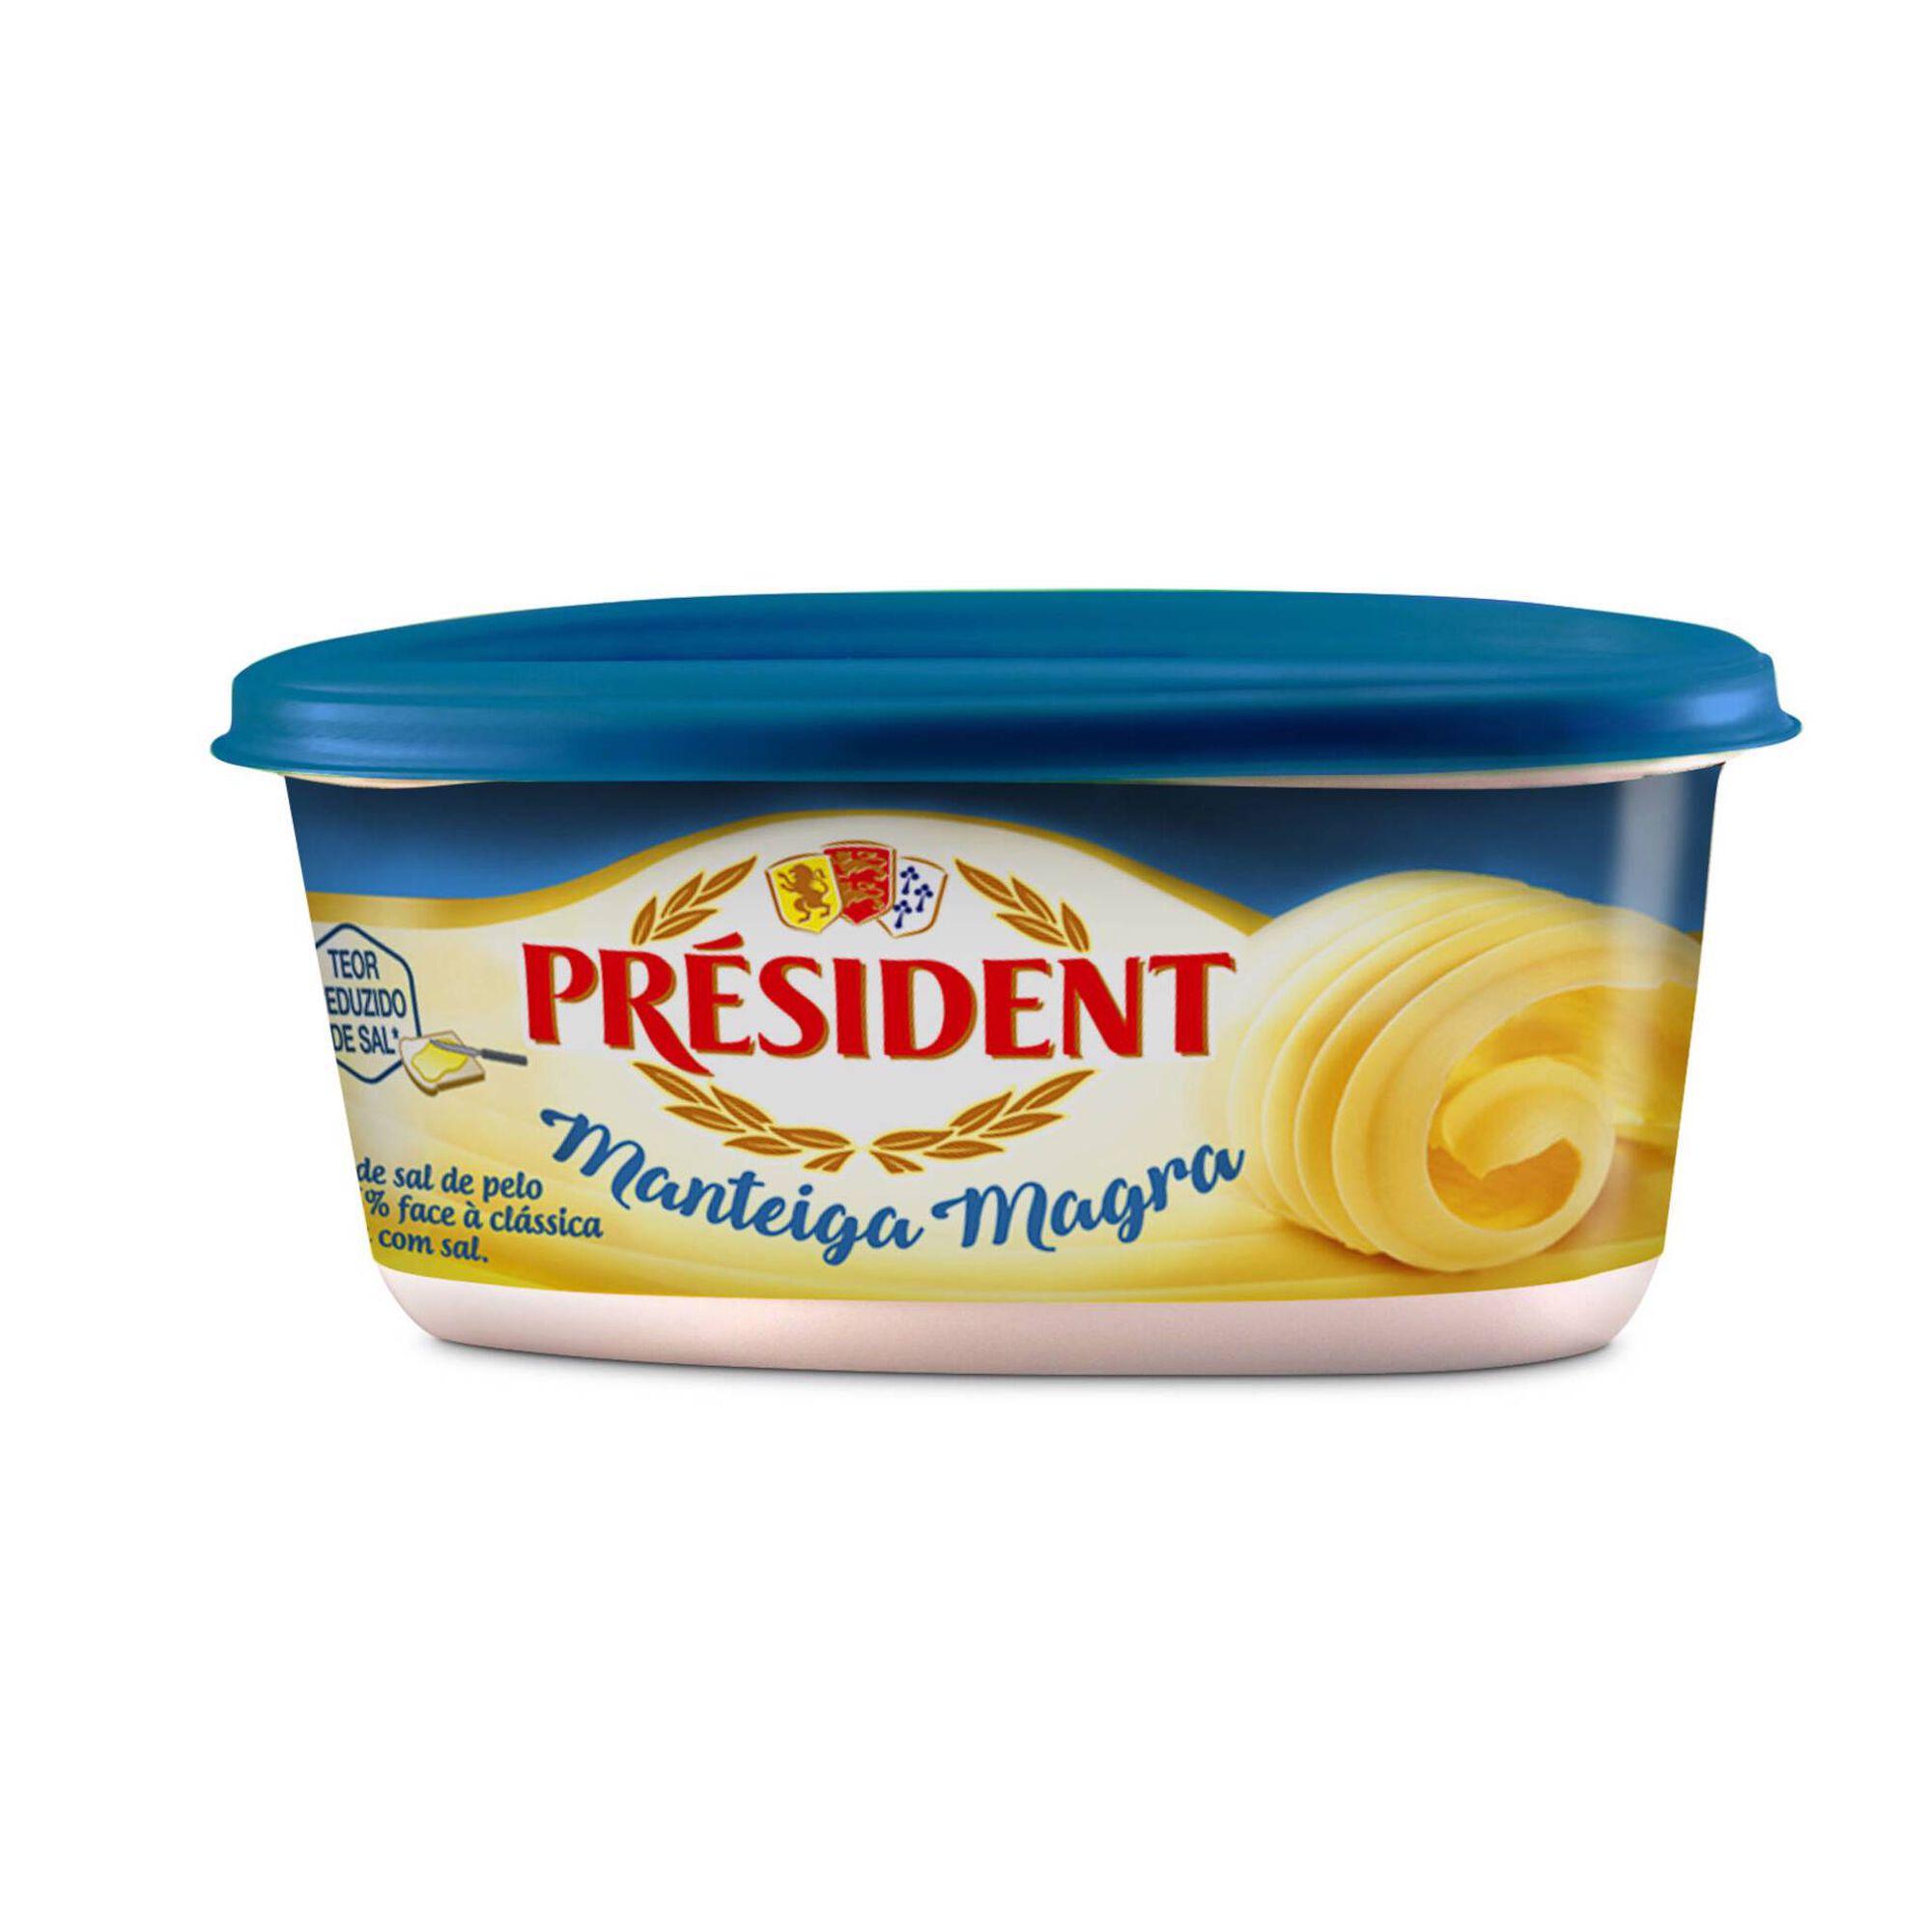 Manteiga Magra Baixo Teor Sal